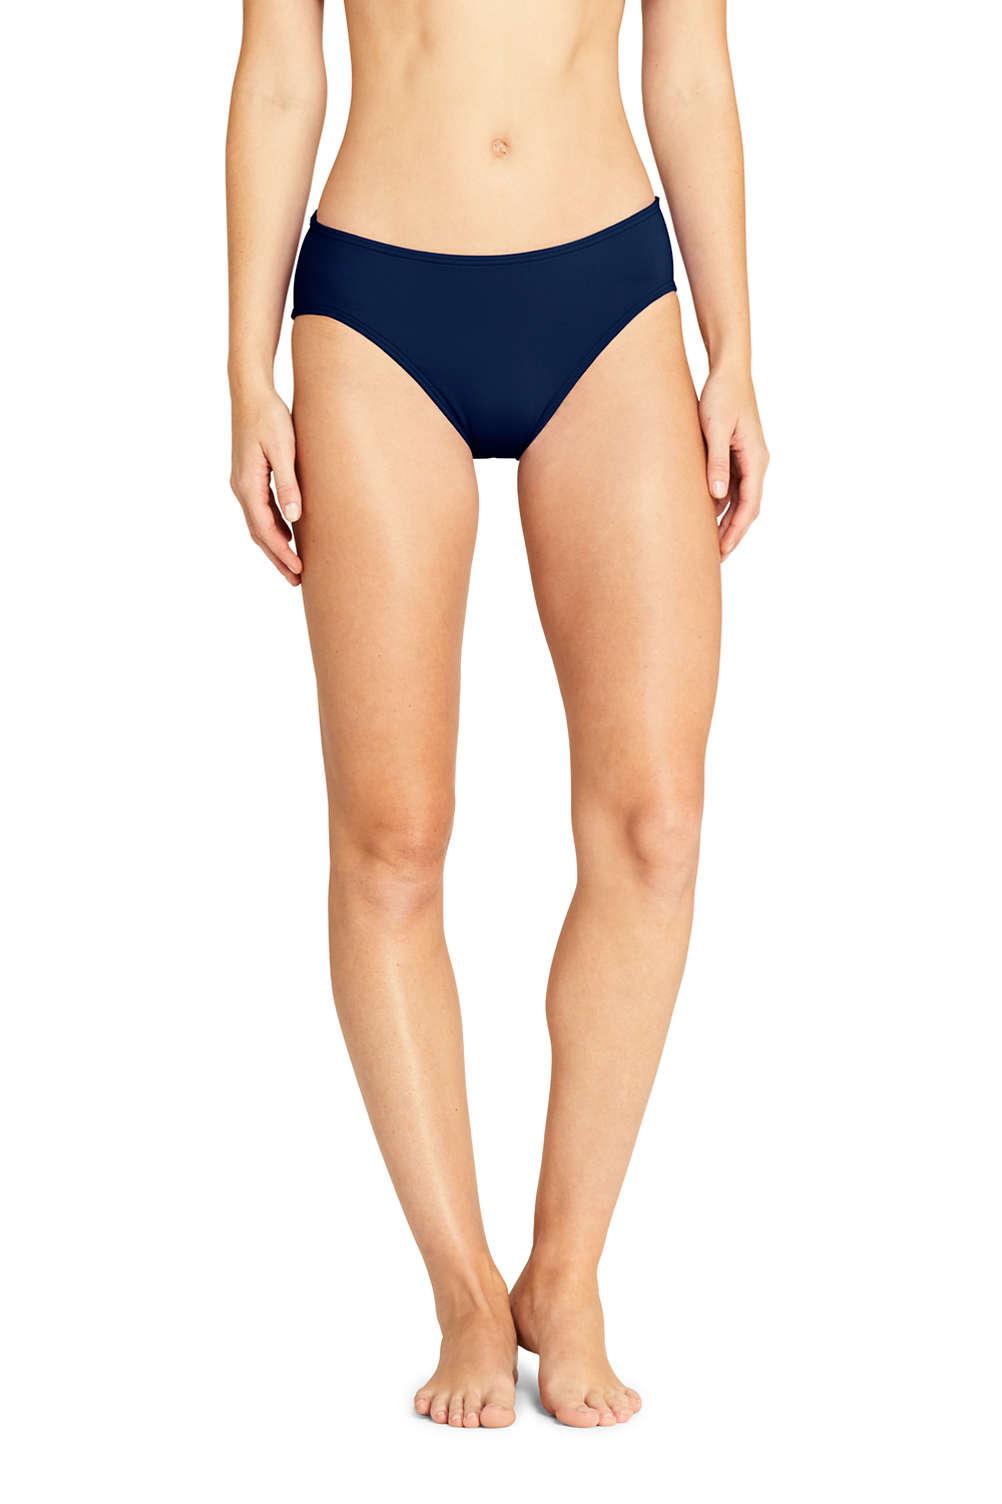 3984ef7e03b Women's Mid Waist Bikini Bottoms from Lands' End